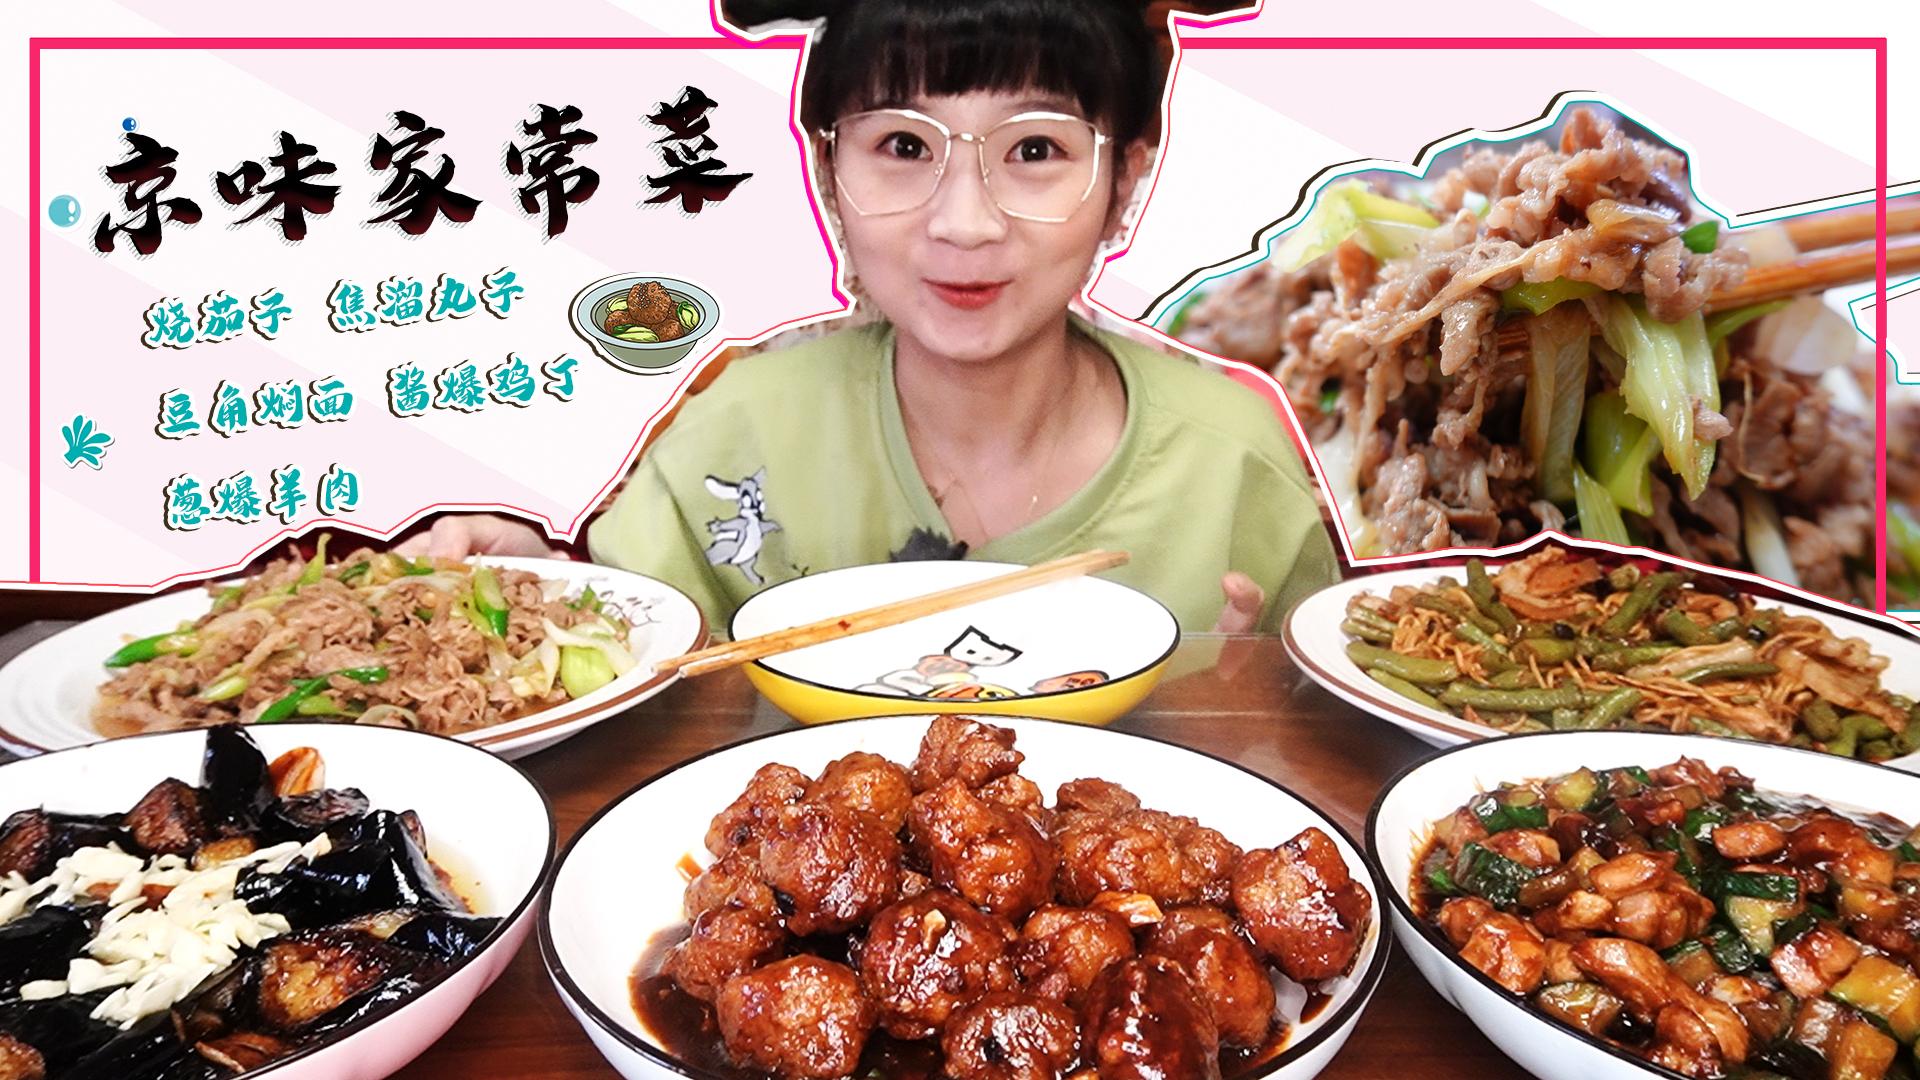 【小猪猪的vlog】宅家自制京味家常菜!豆角焖面、葱爆羊肉都好吃